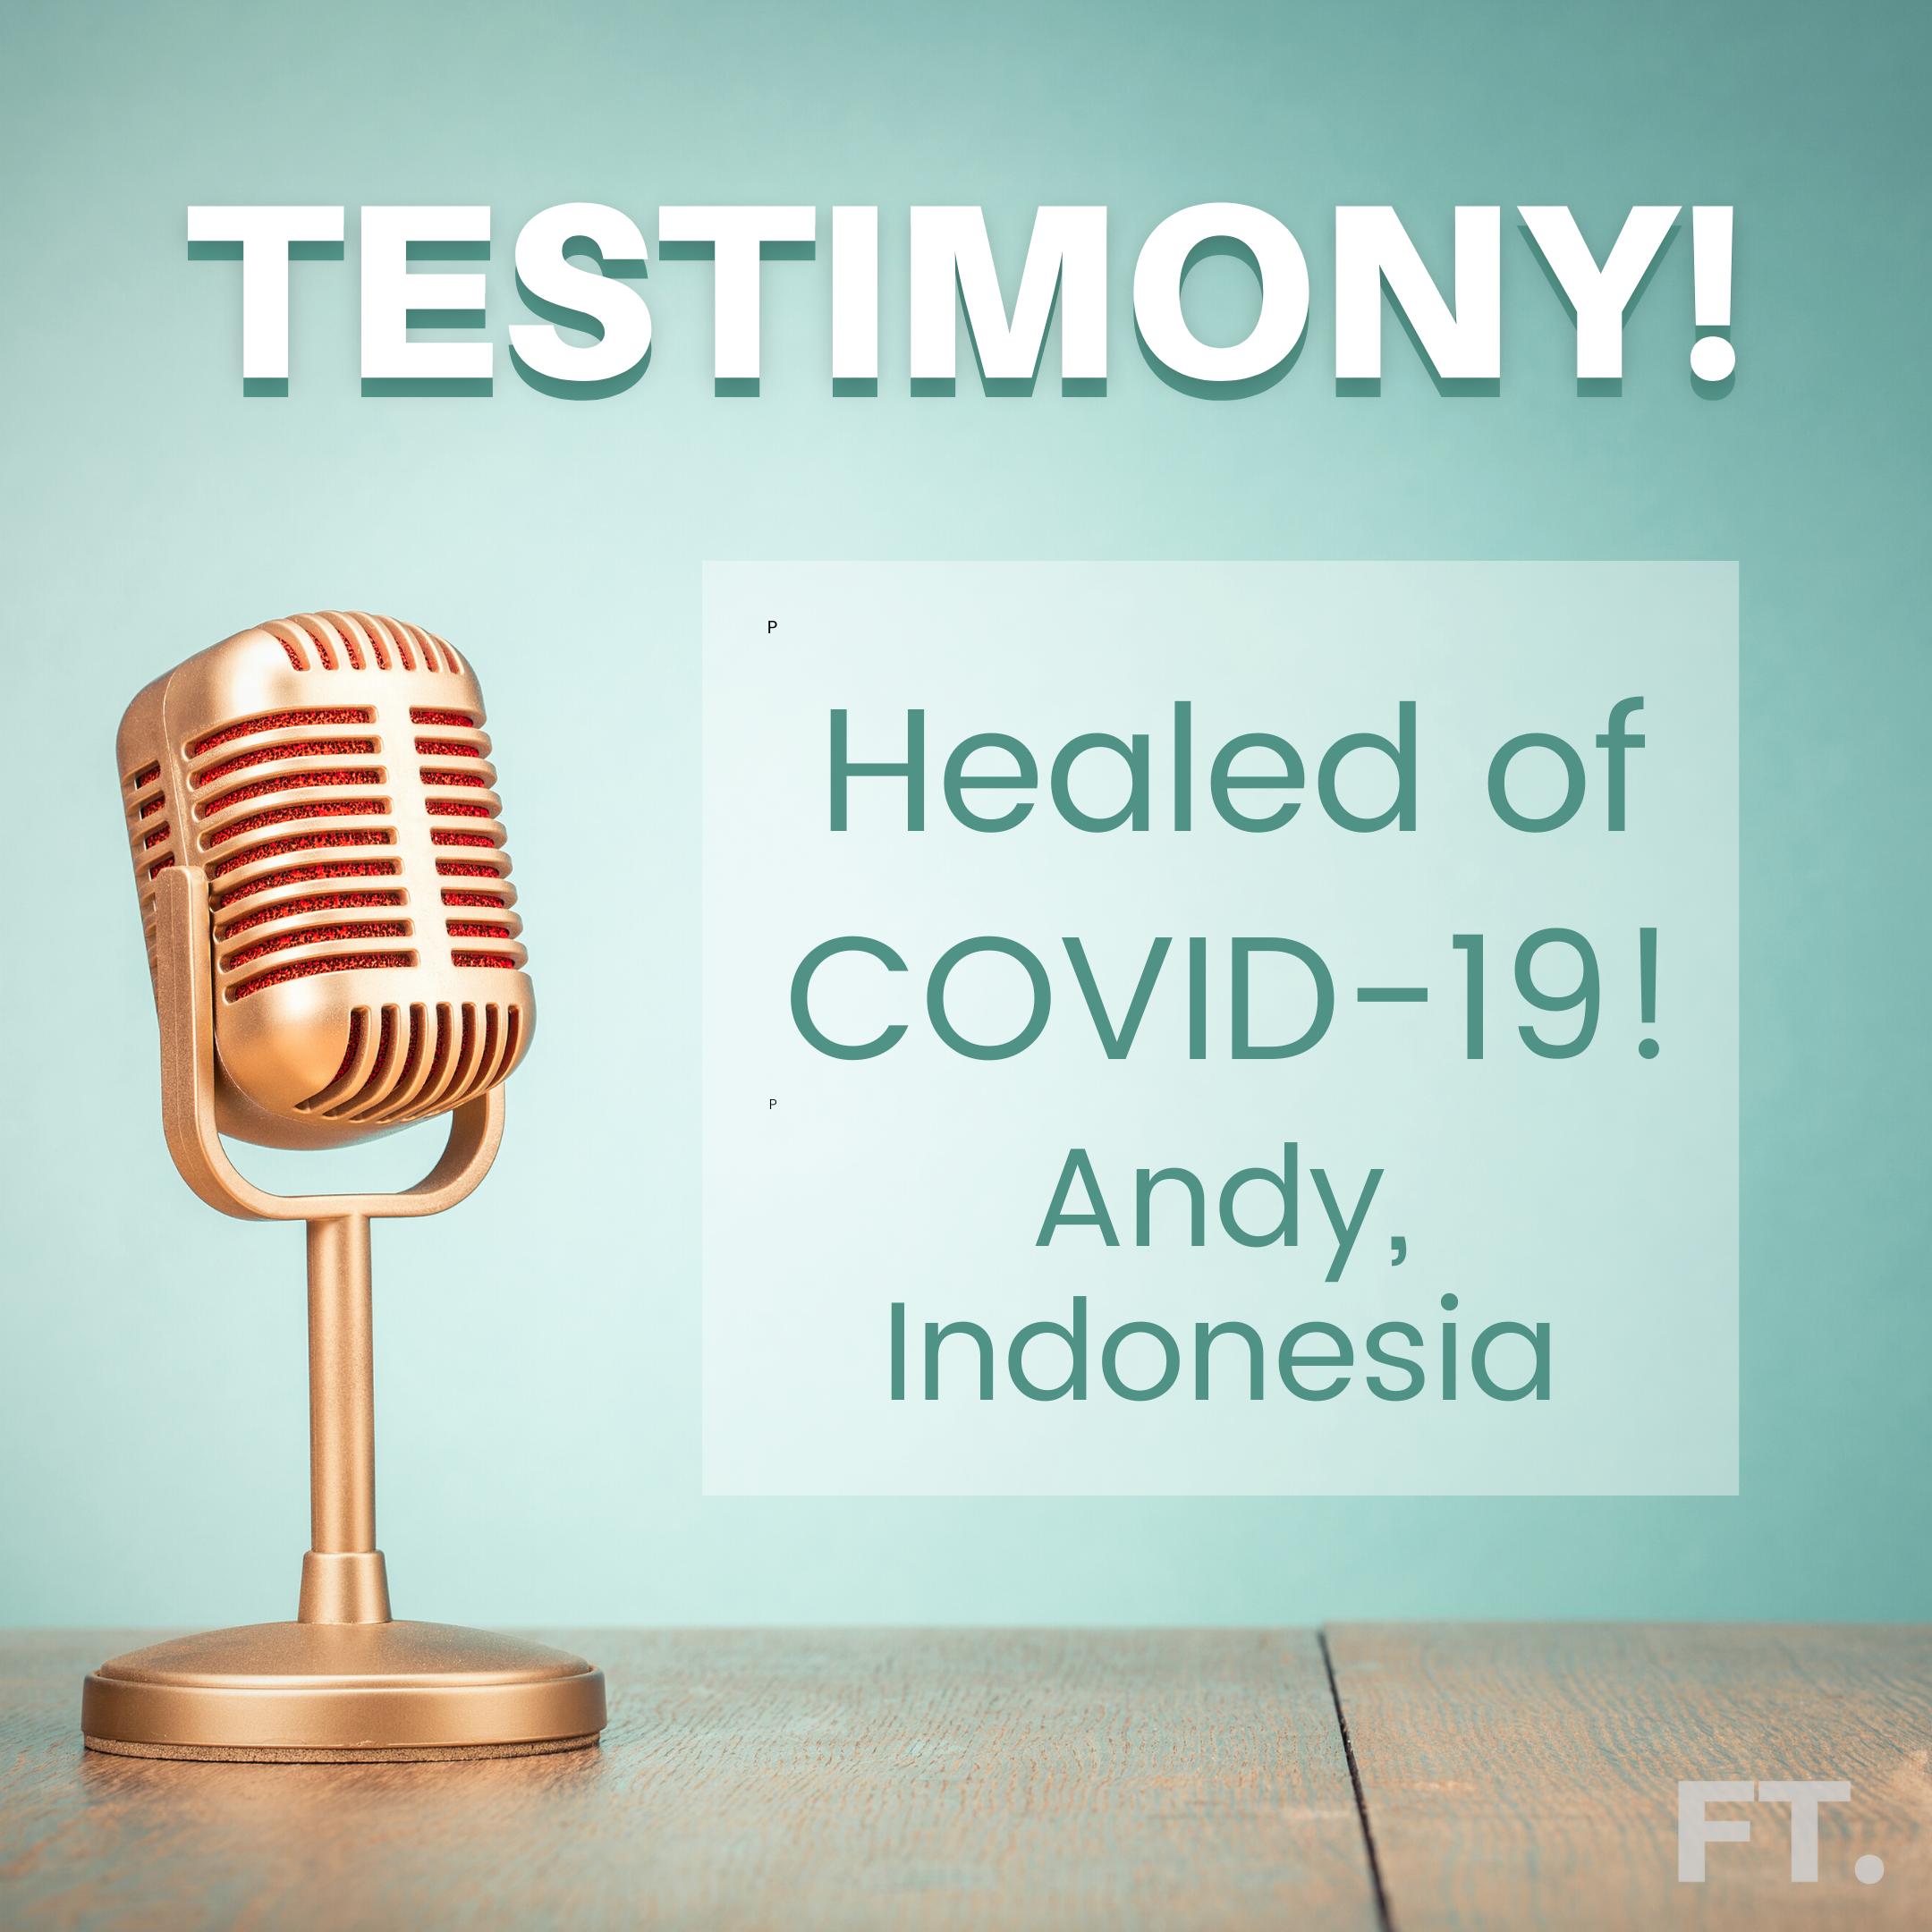 Testimony! Healed of COVID-19!